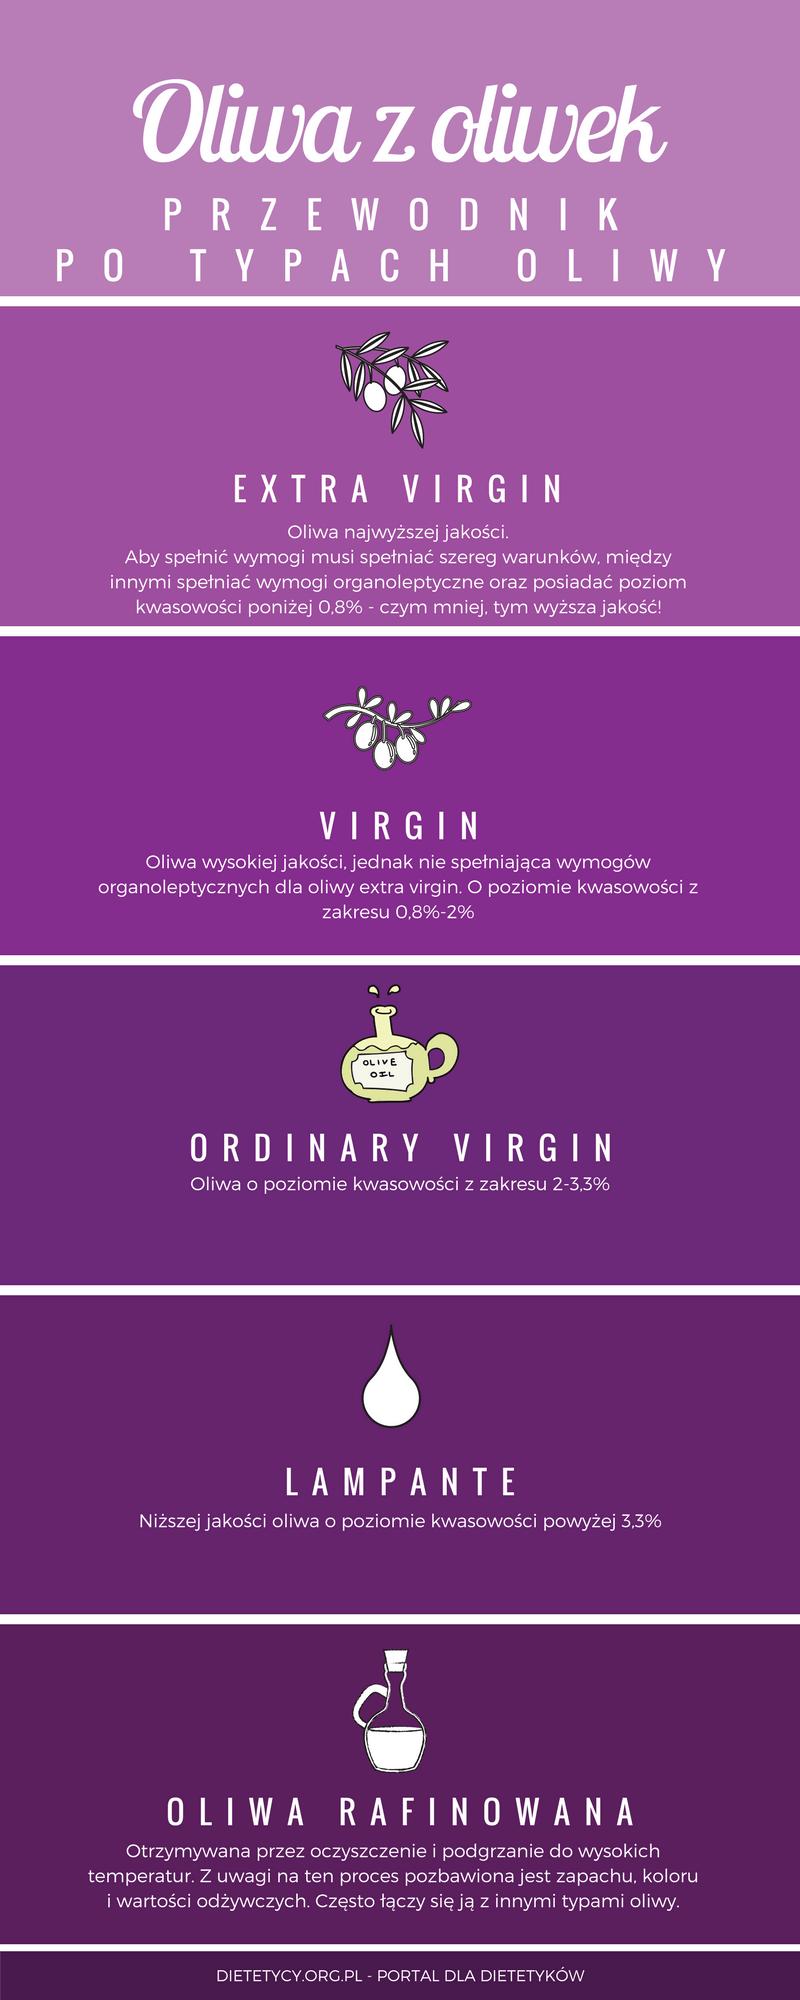 typy oliwy z oliwek